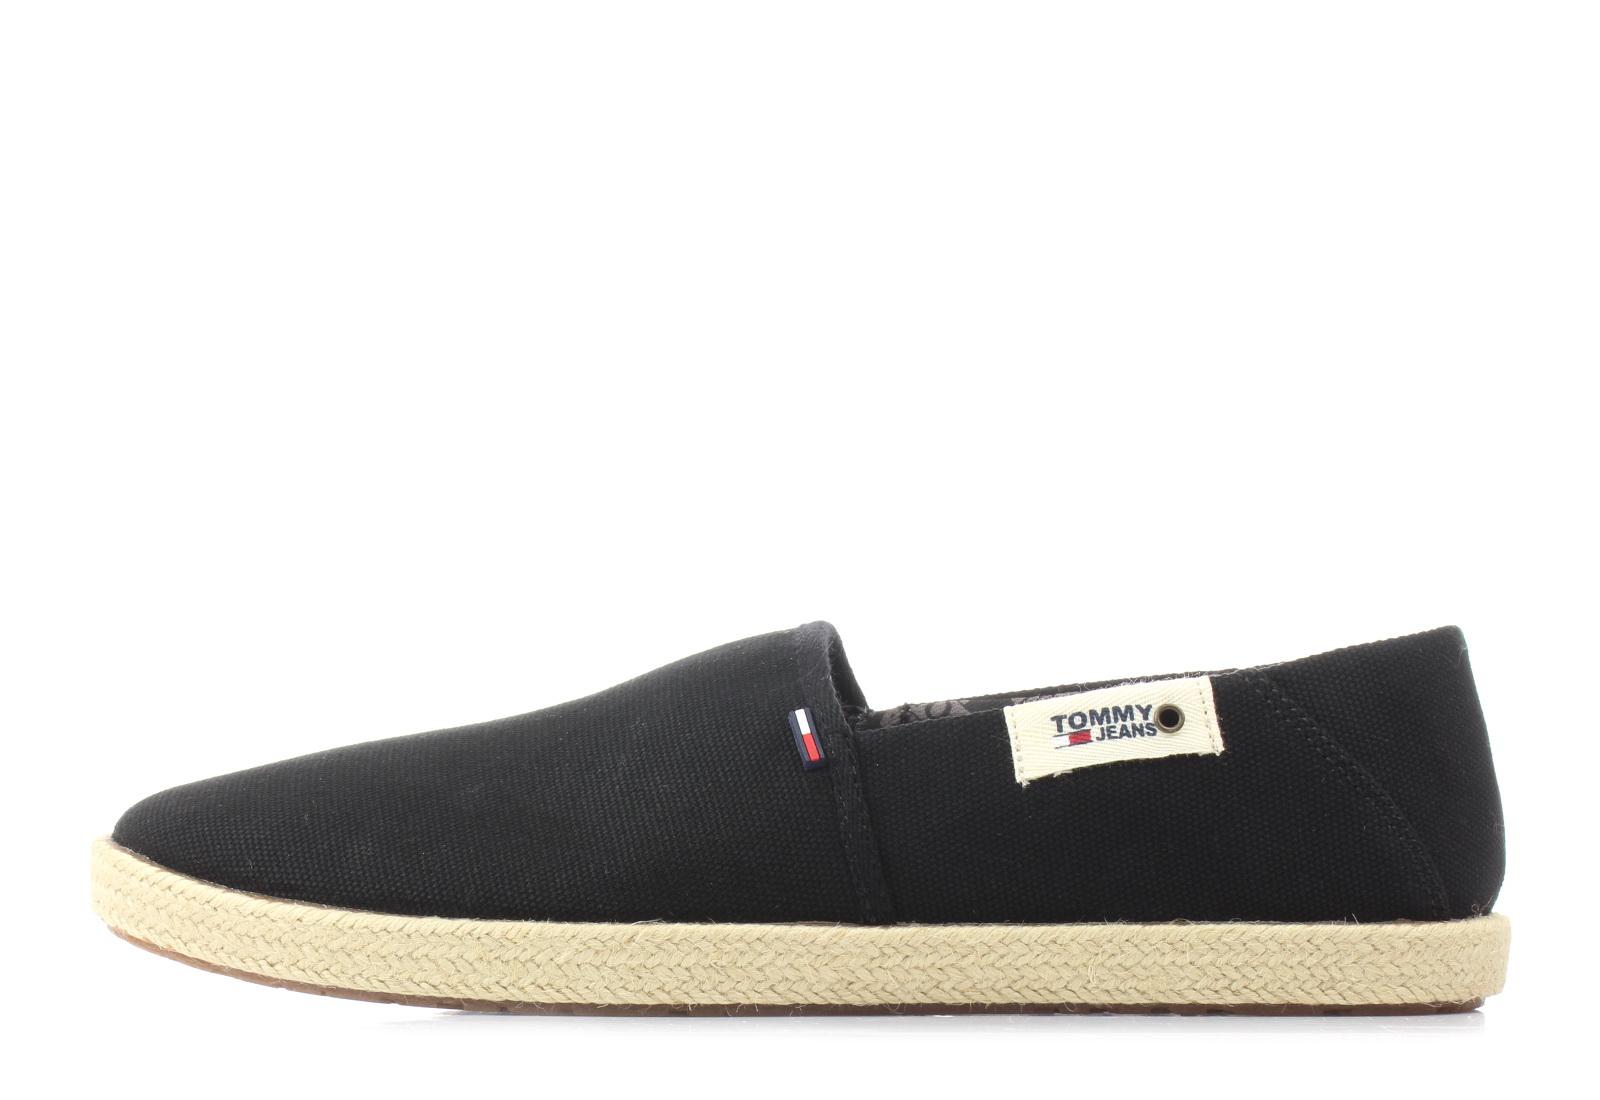 58237a3770 Tommy Hilfiger Cipő - Ian 2d6 - 19S-0279-990 - Office Shoes Magyarország